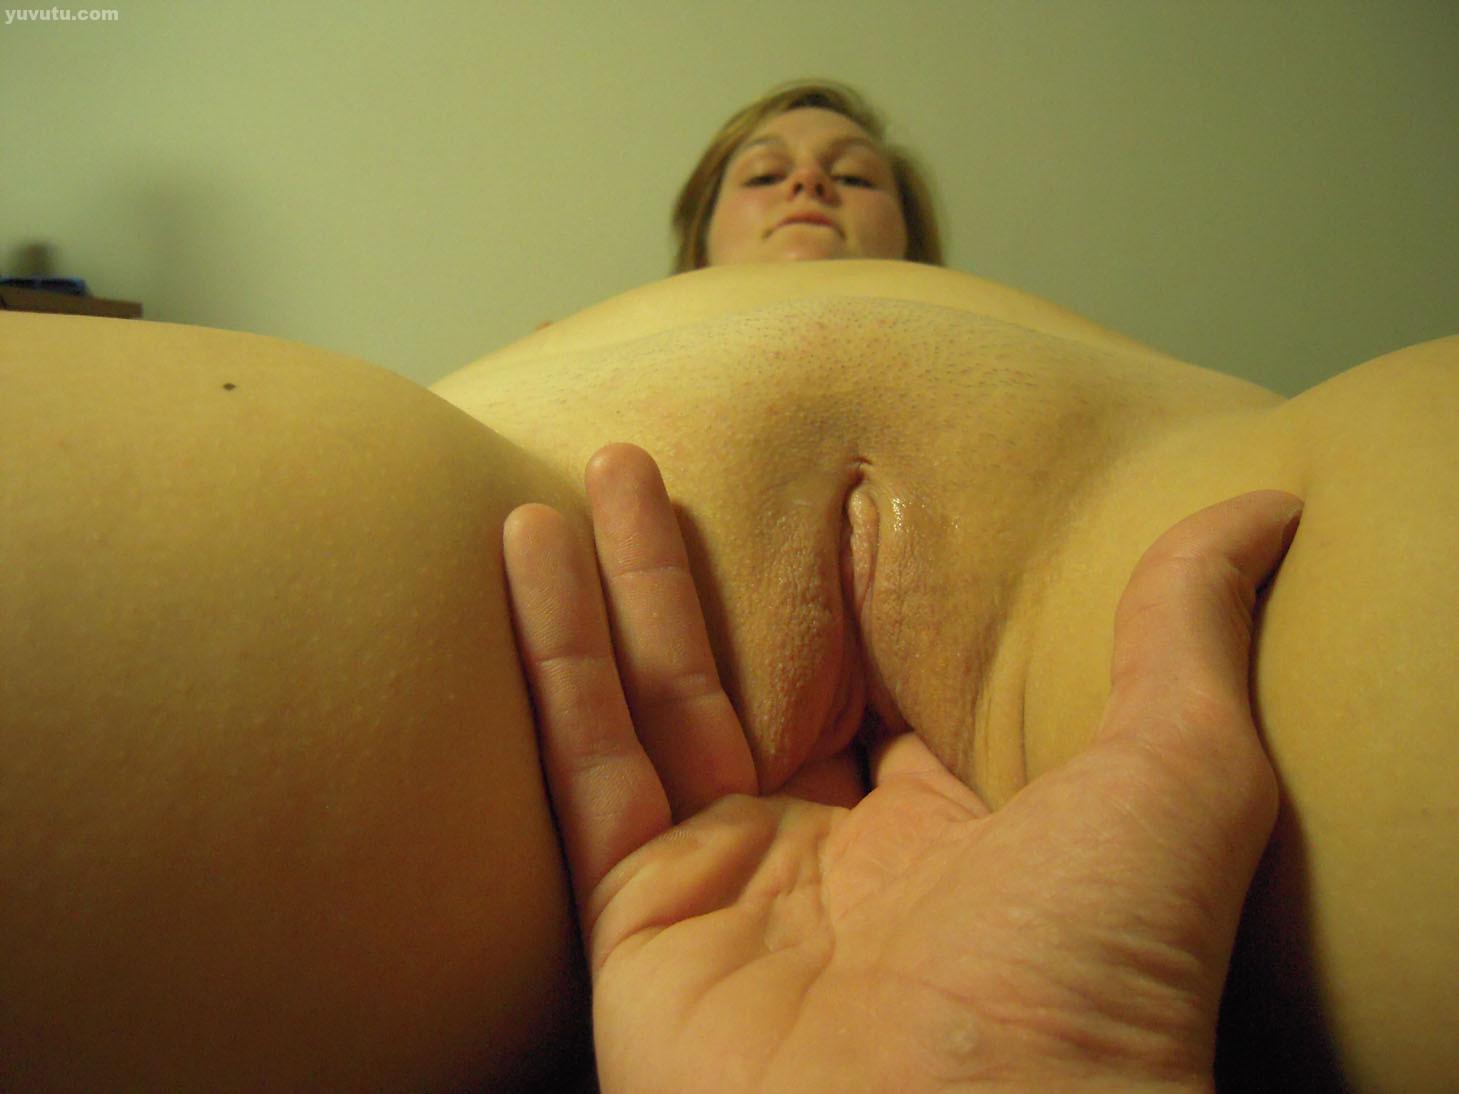 desi girlfriend naked selfie